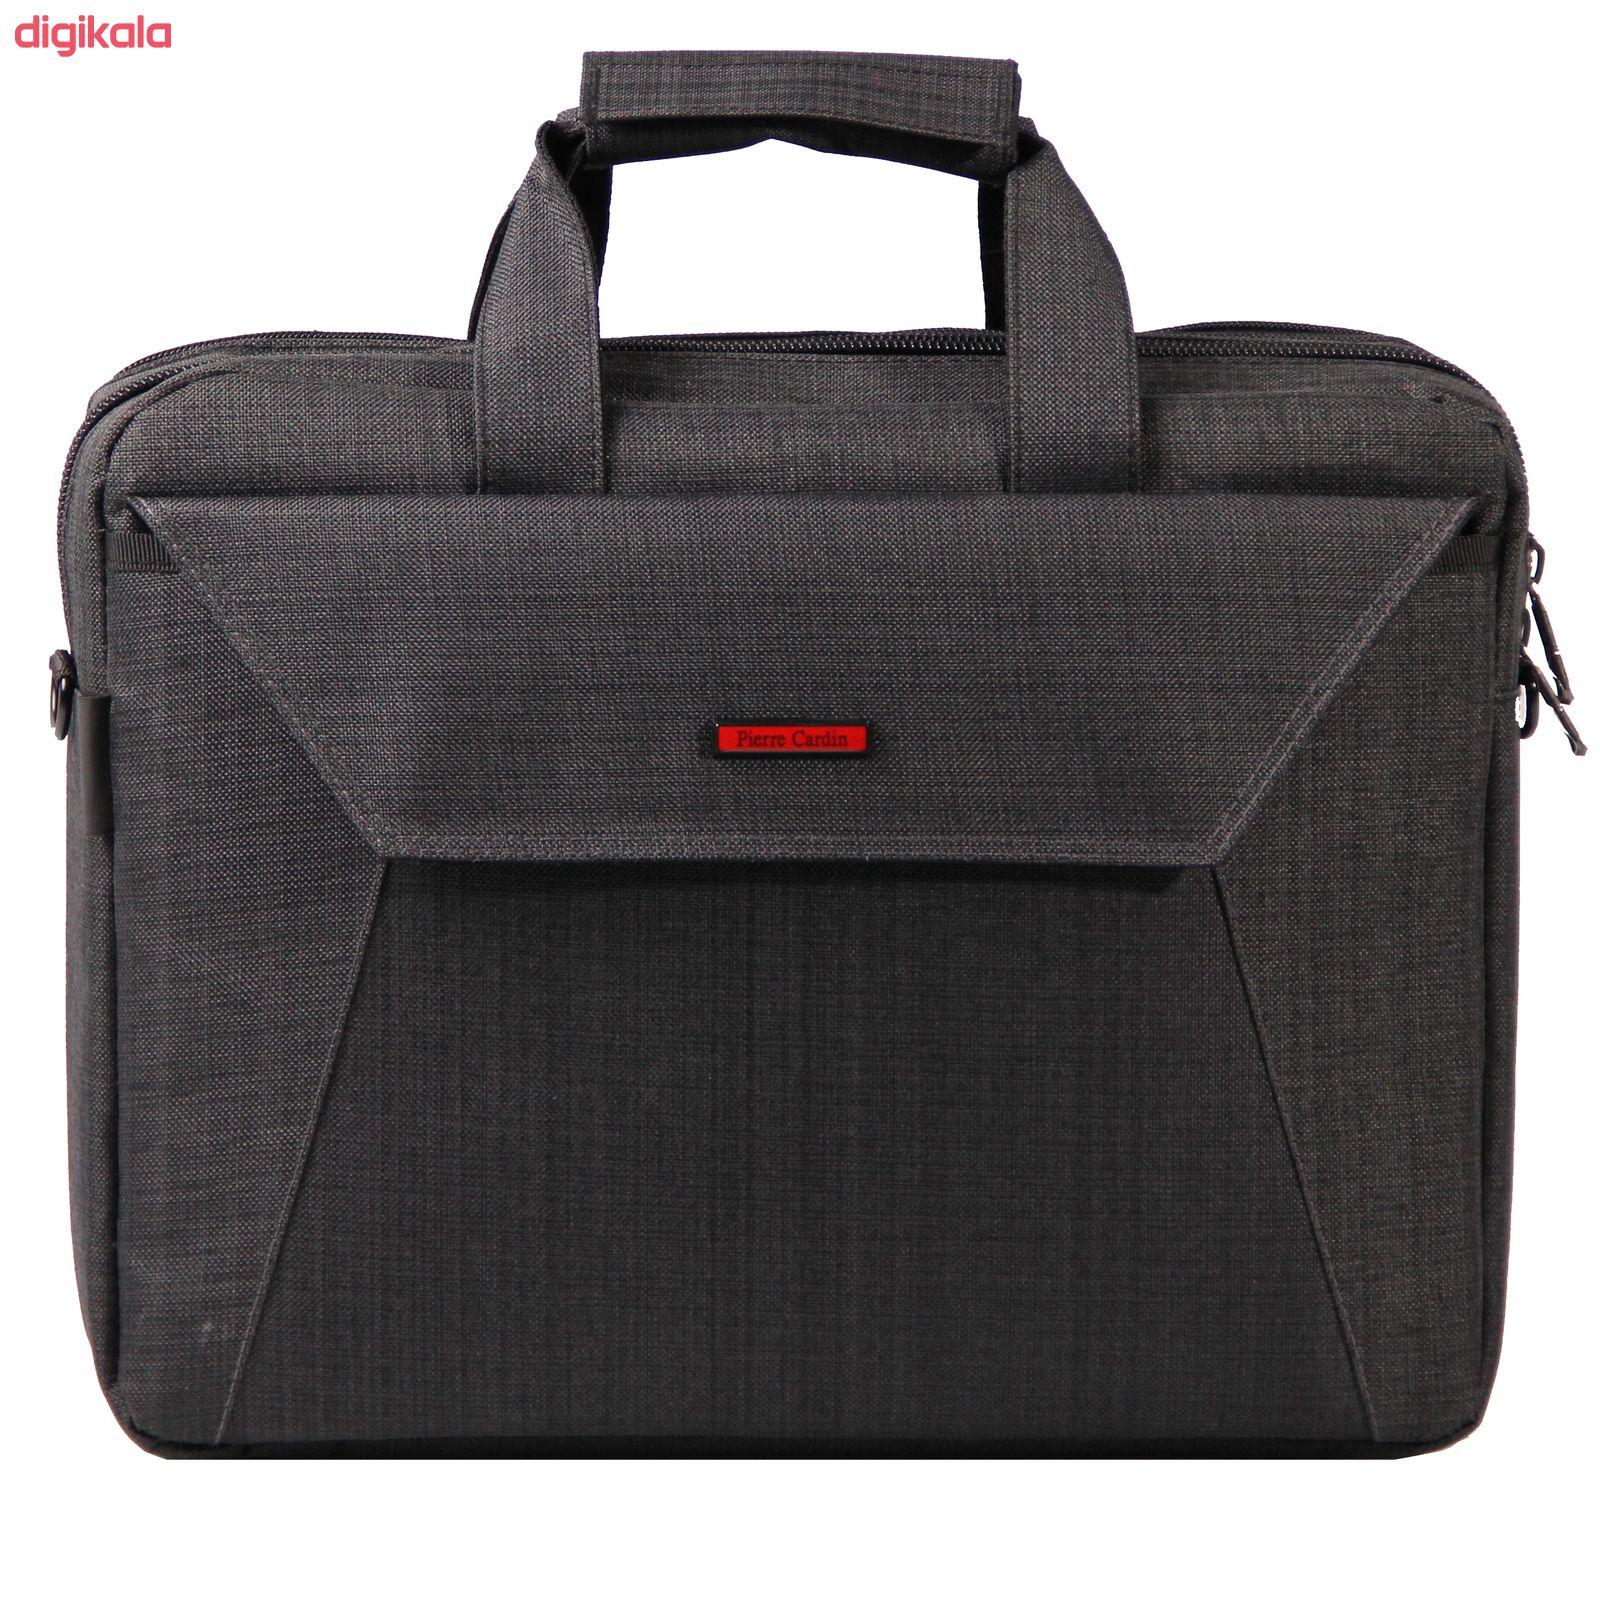 کیف لپ تاپ پیرکاردن کد 002 مدل pocket مناسب برای لپ تاپ 15.6 اینچی main 1 1